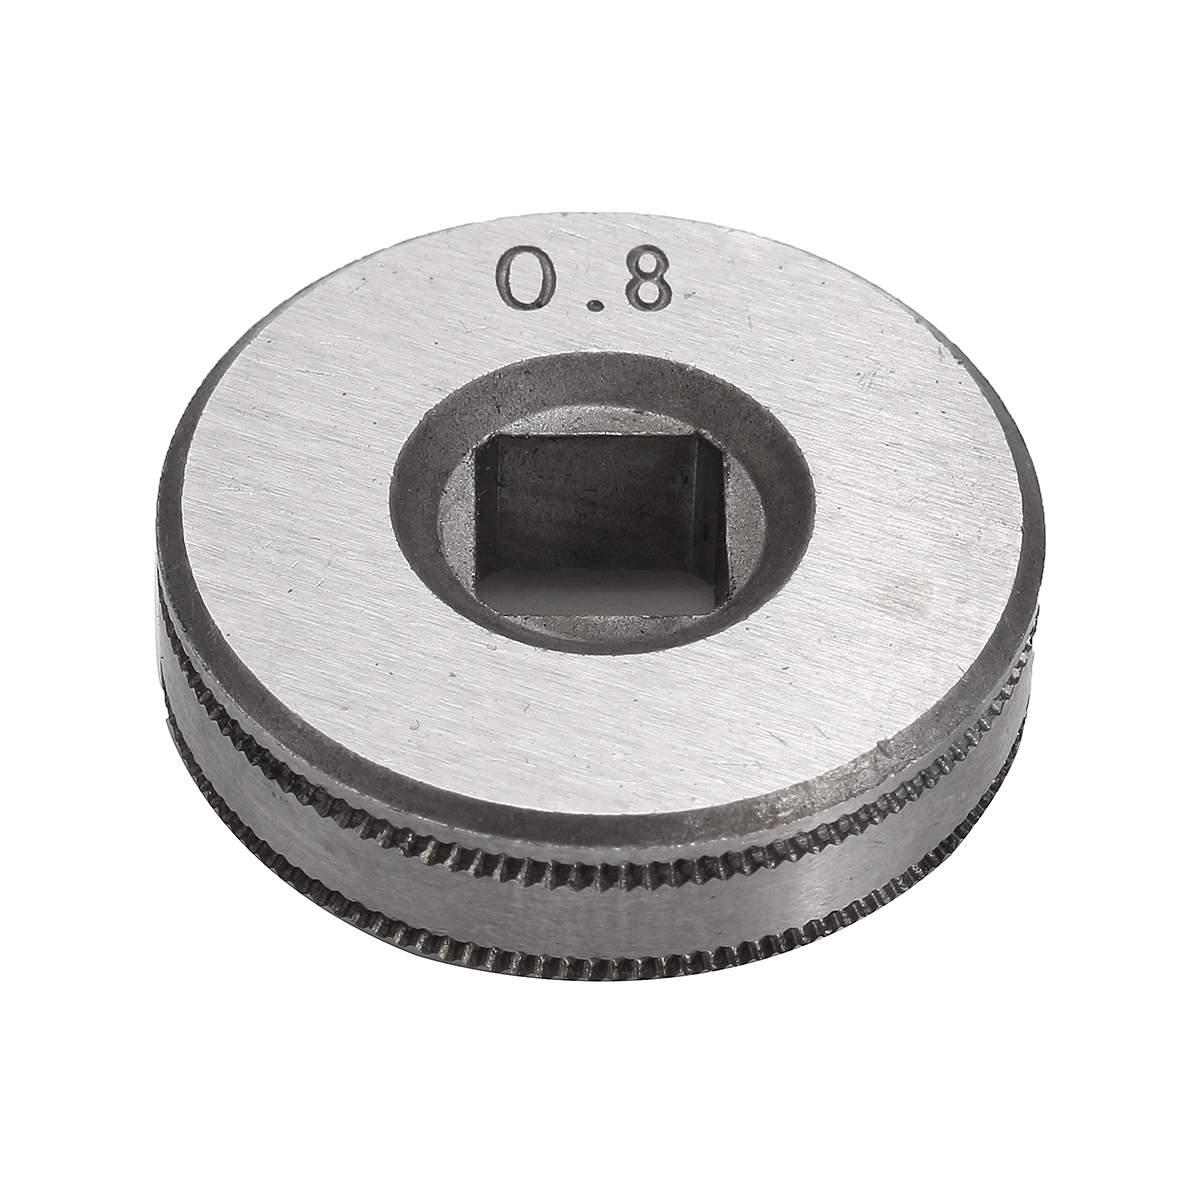 0.8 spawacze stalowe wałek napędowy do podawania drutu części rolkowe Kunrled-Groove. 023